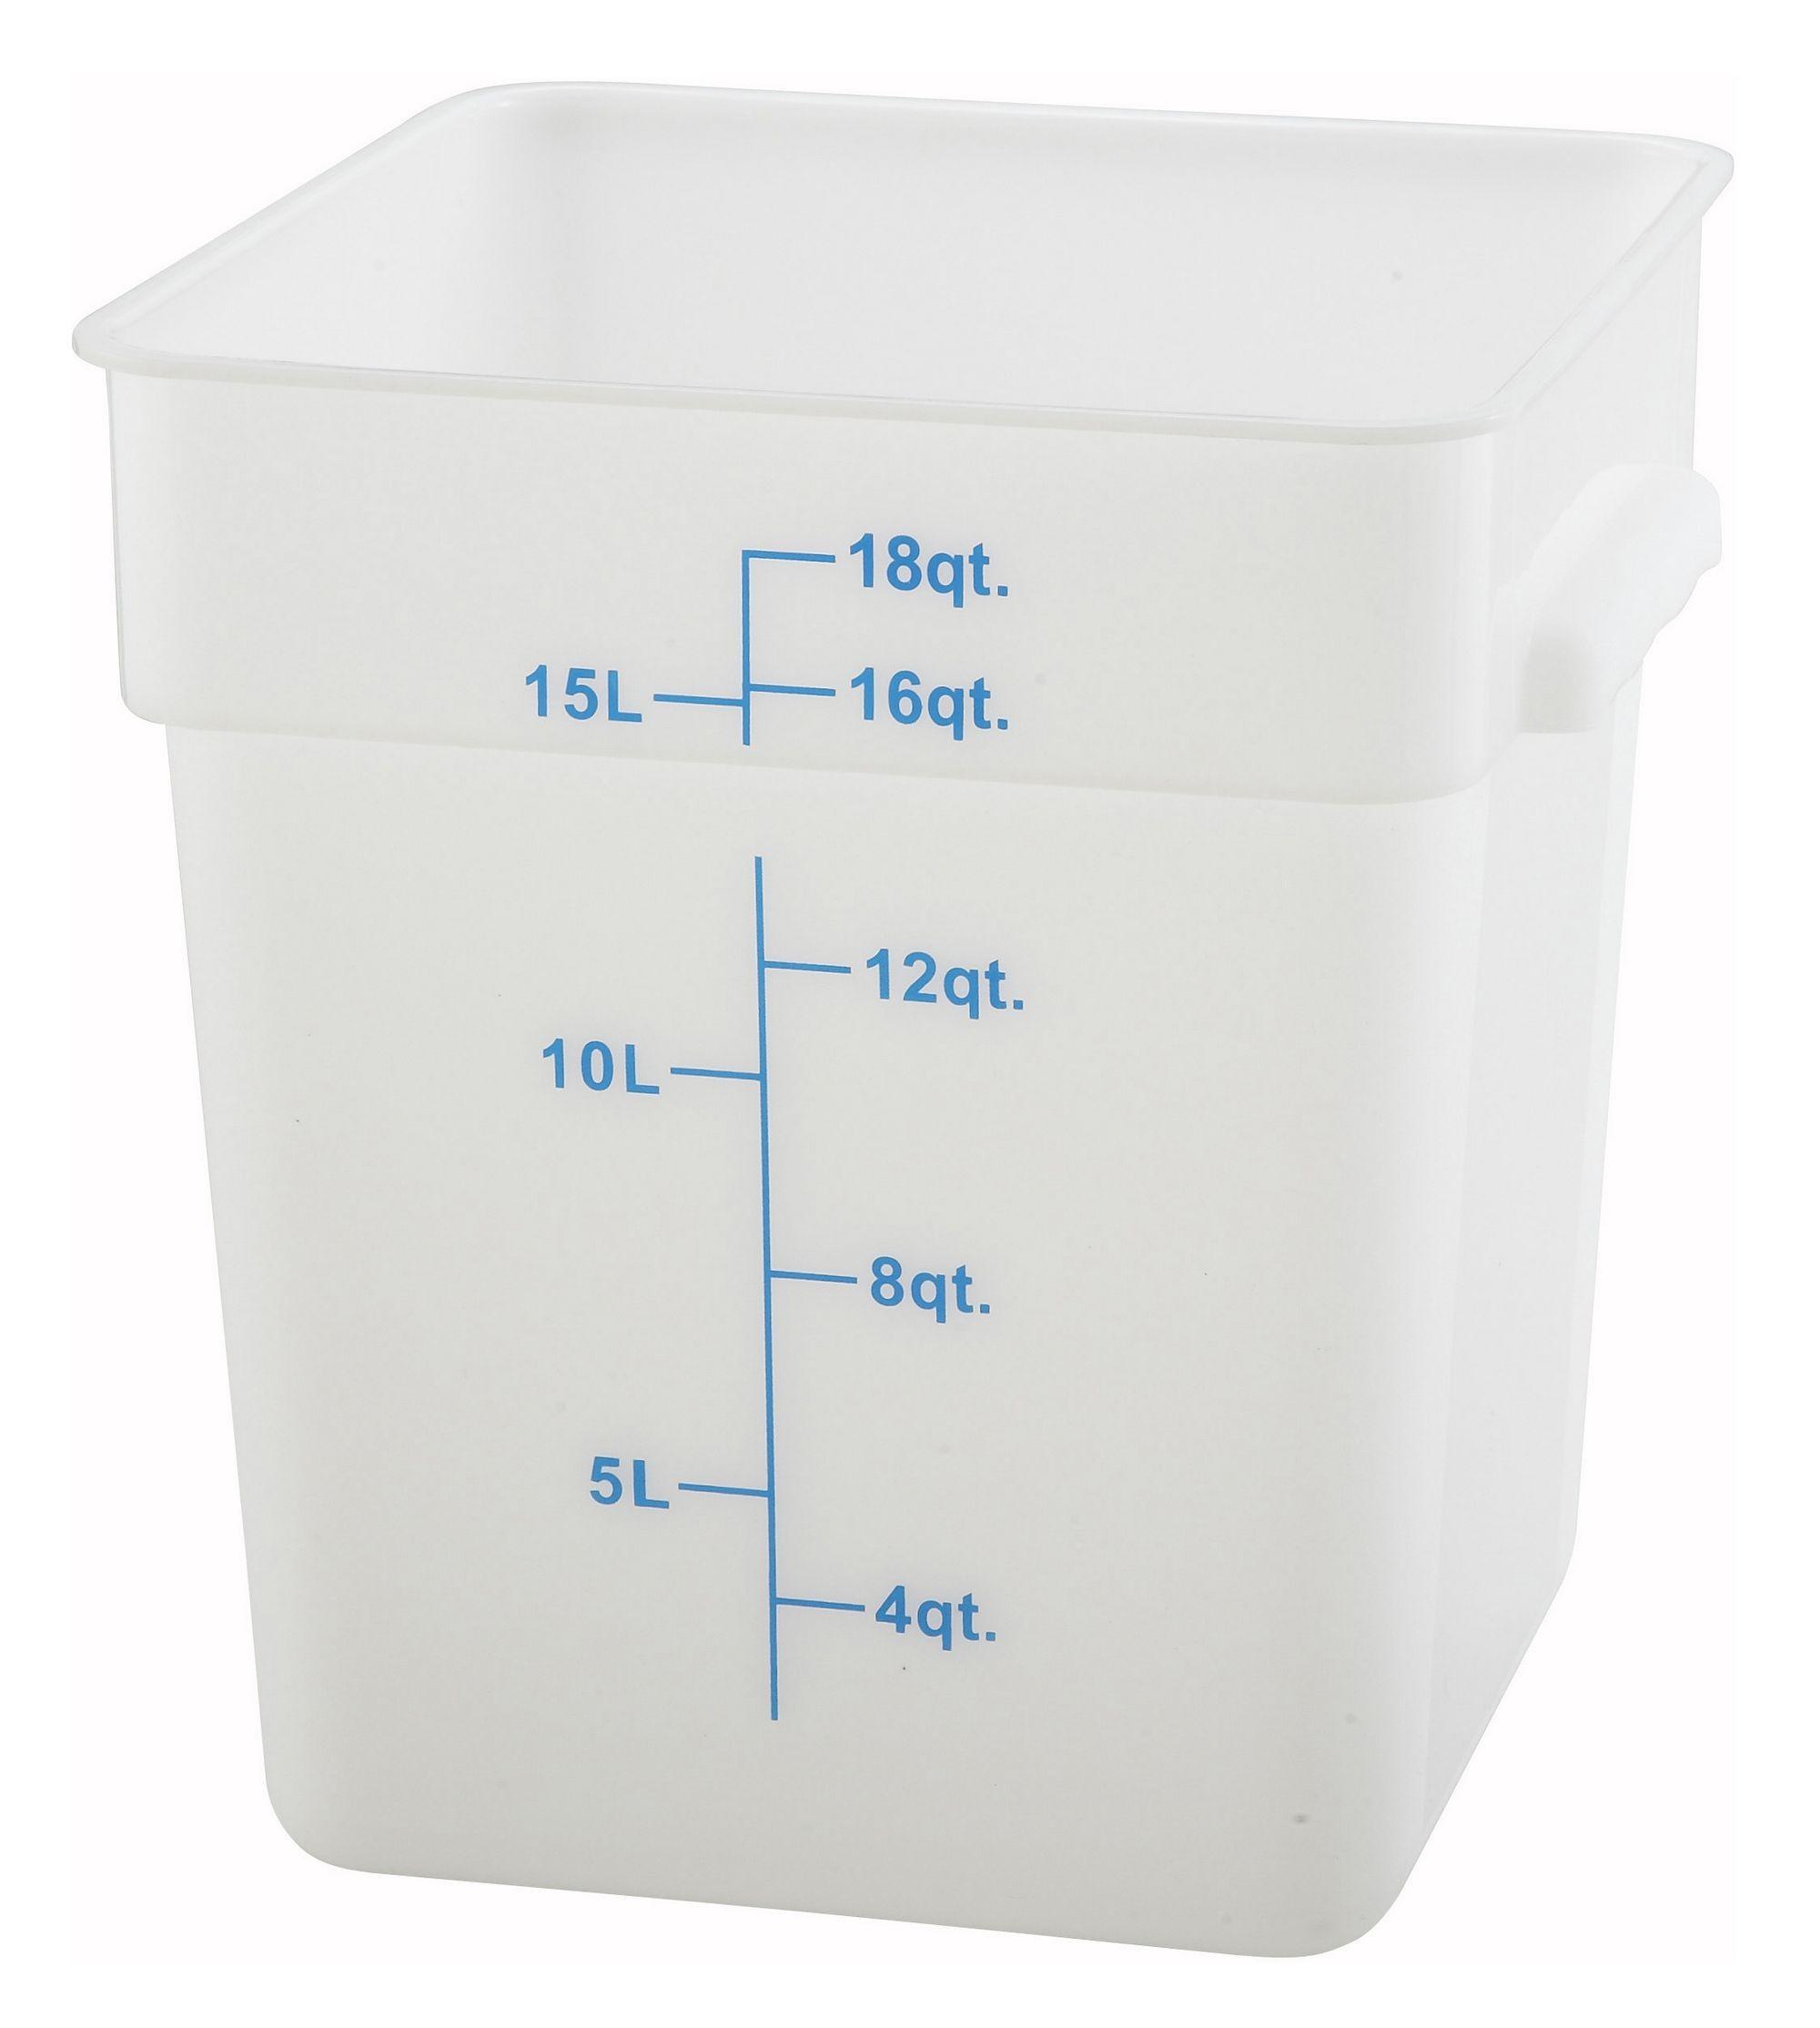 Winco PESC-18 White 18 Qt. Square Food Storage Container